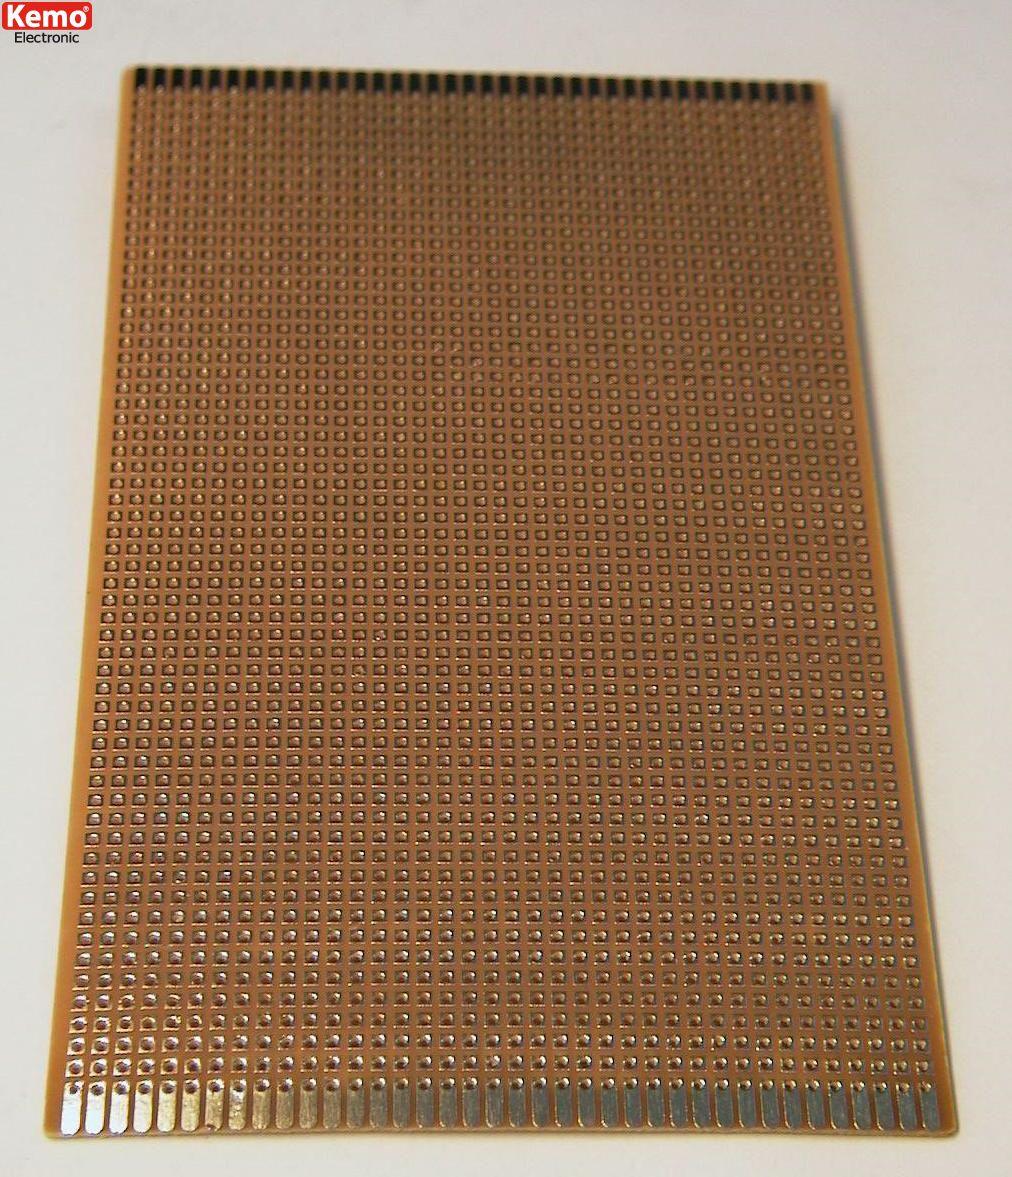 Experimentierplatine 160x100 mm -  Punktraster Platine flash-vergoldet